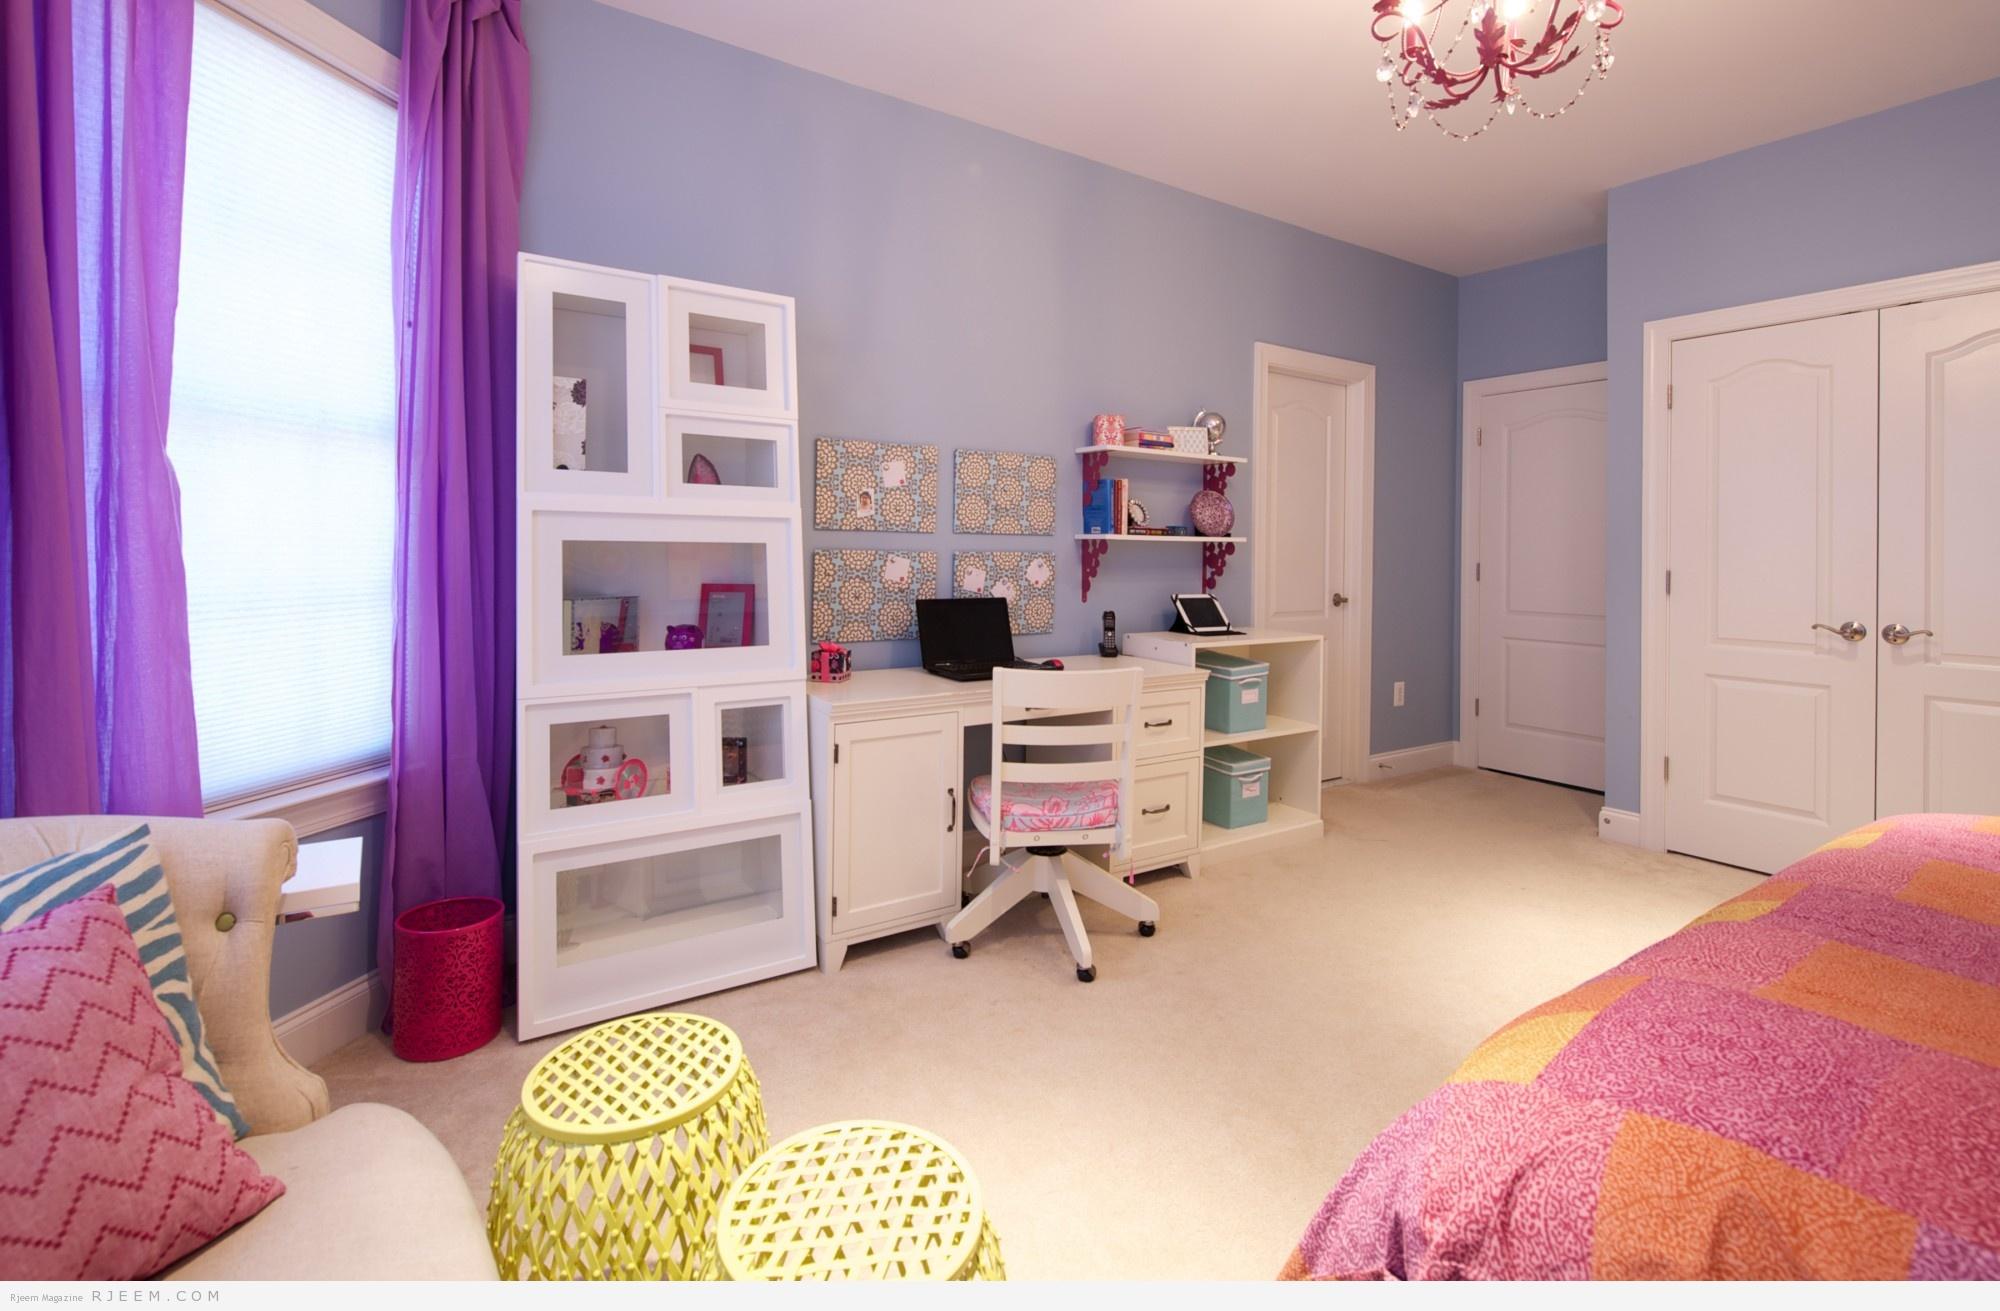 ديكور غرفه نوم بألوان صيفية 2014